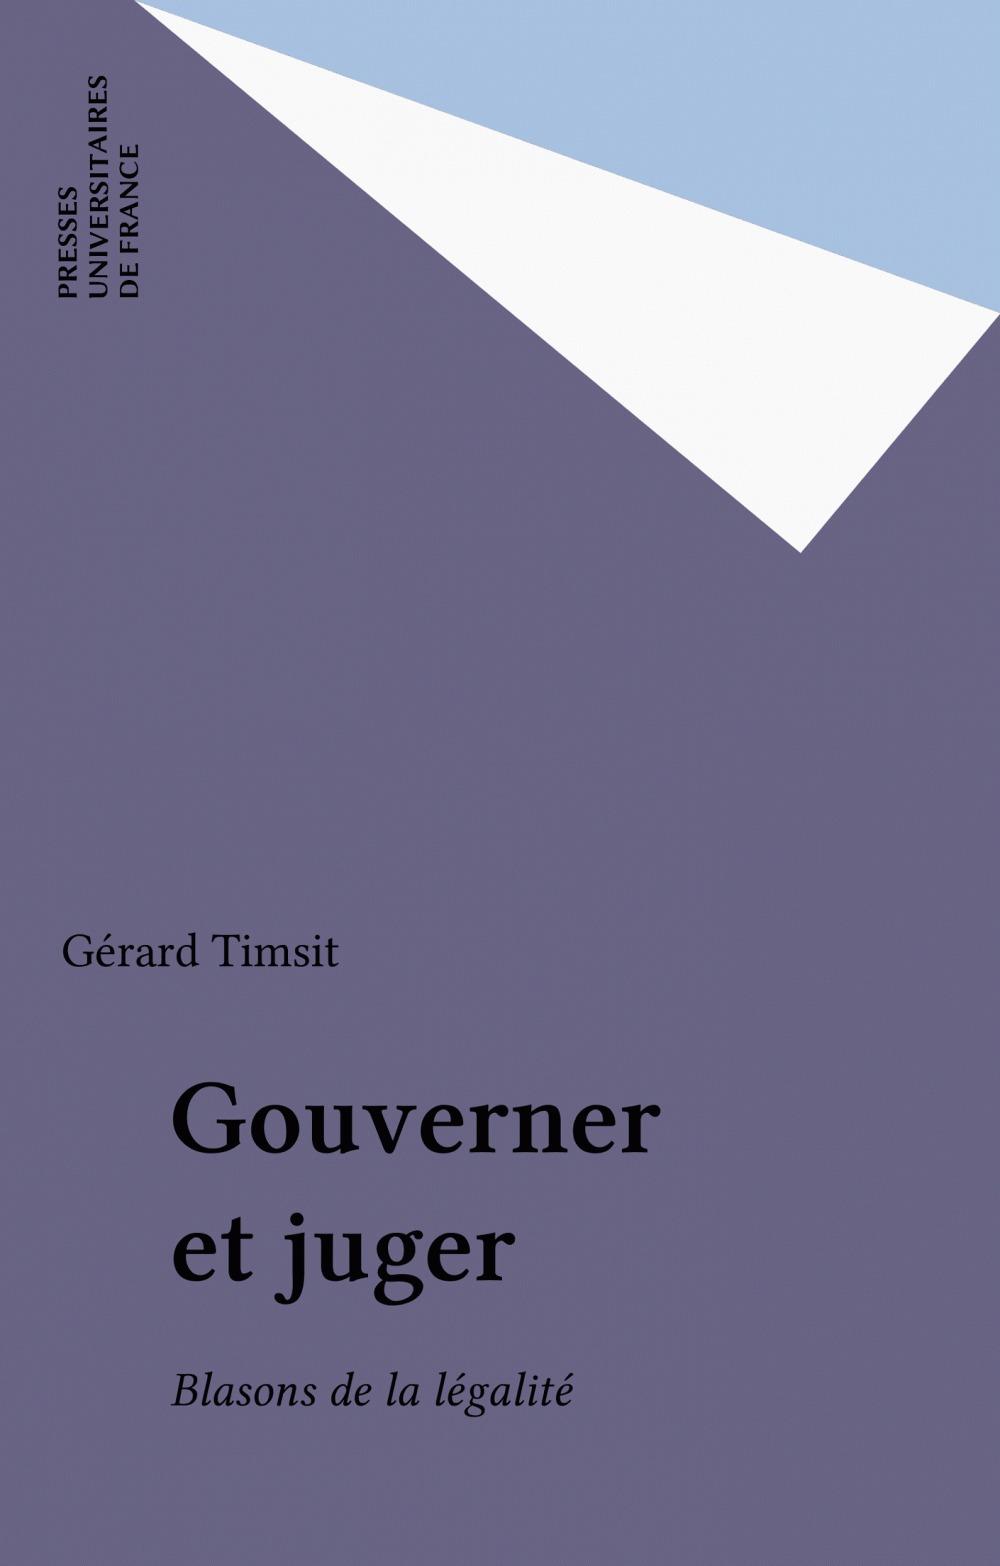 Gouverner et juger